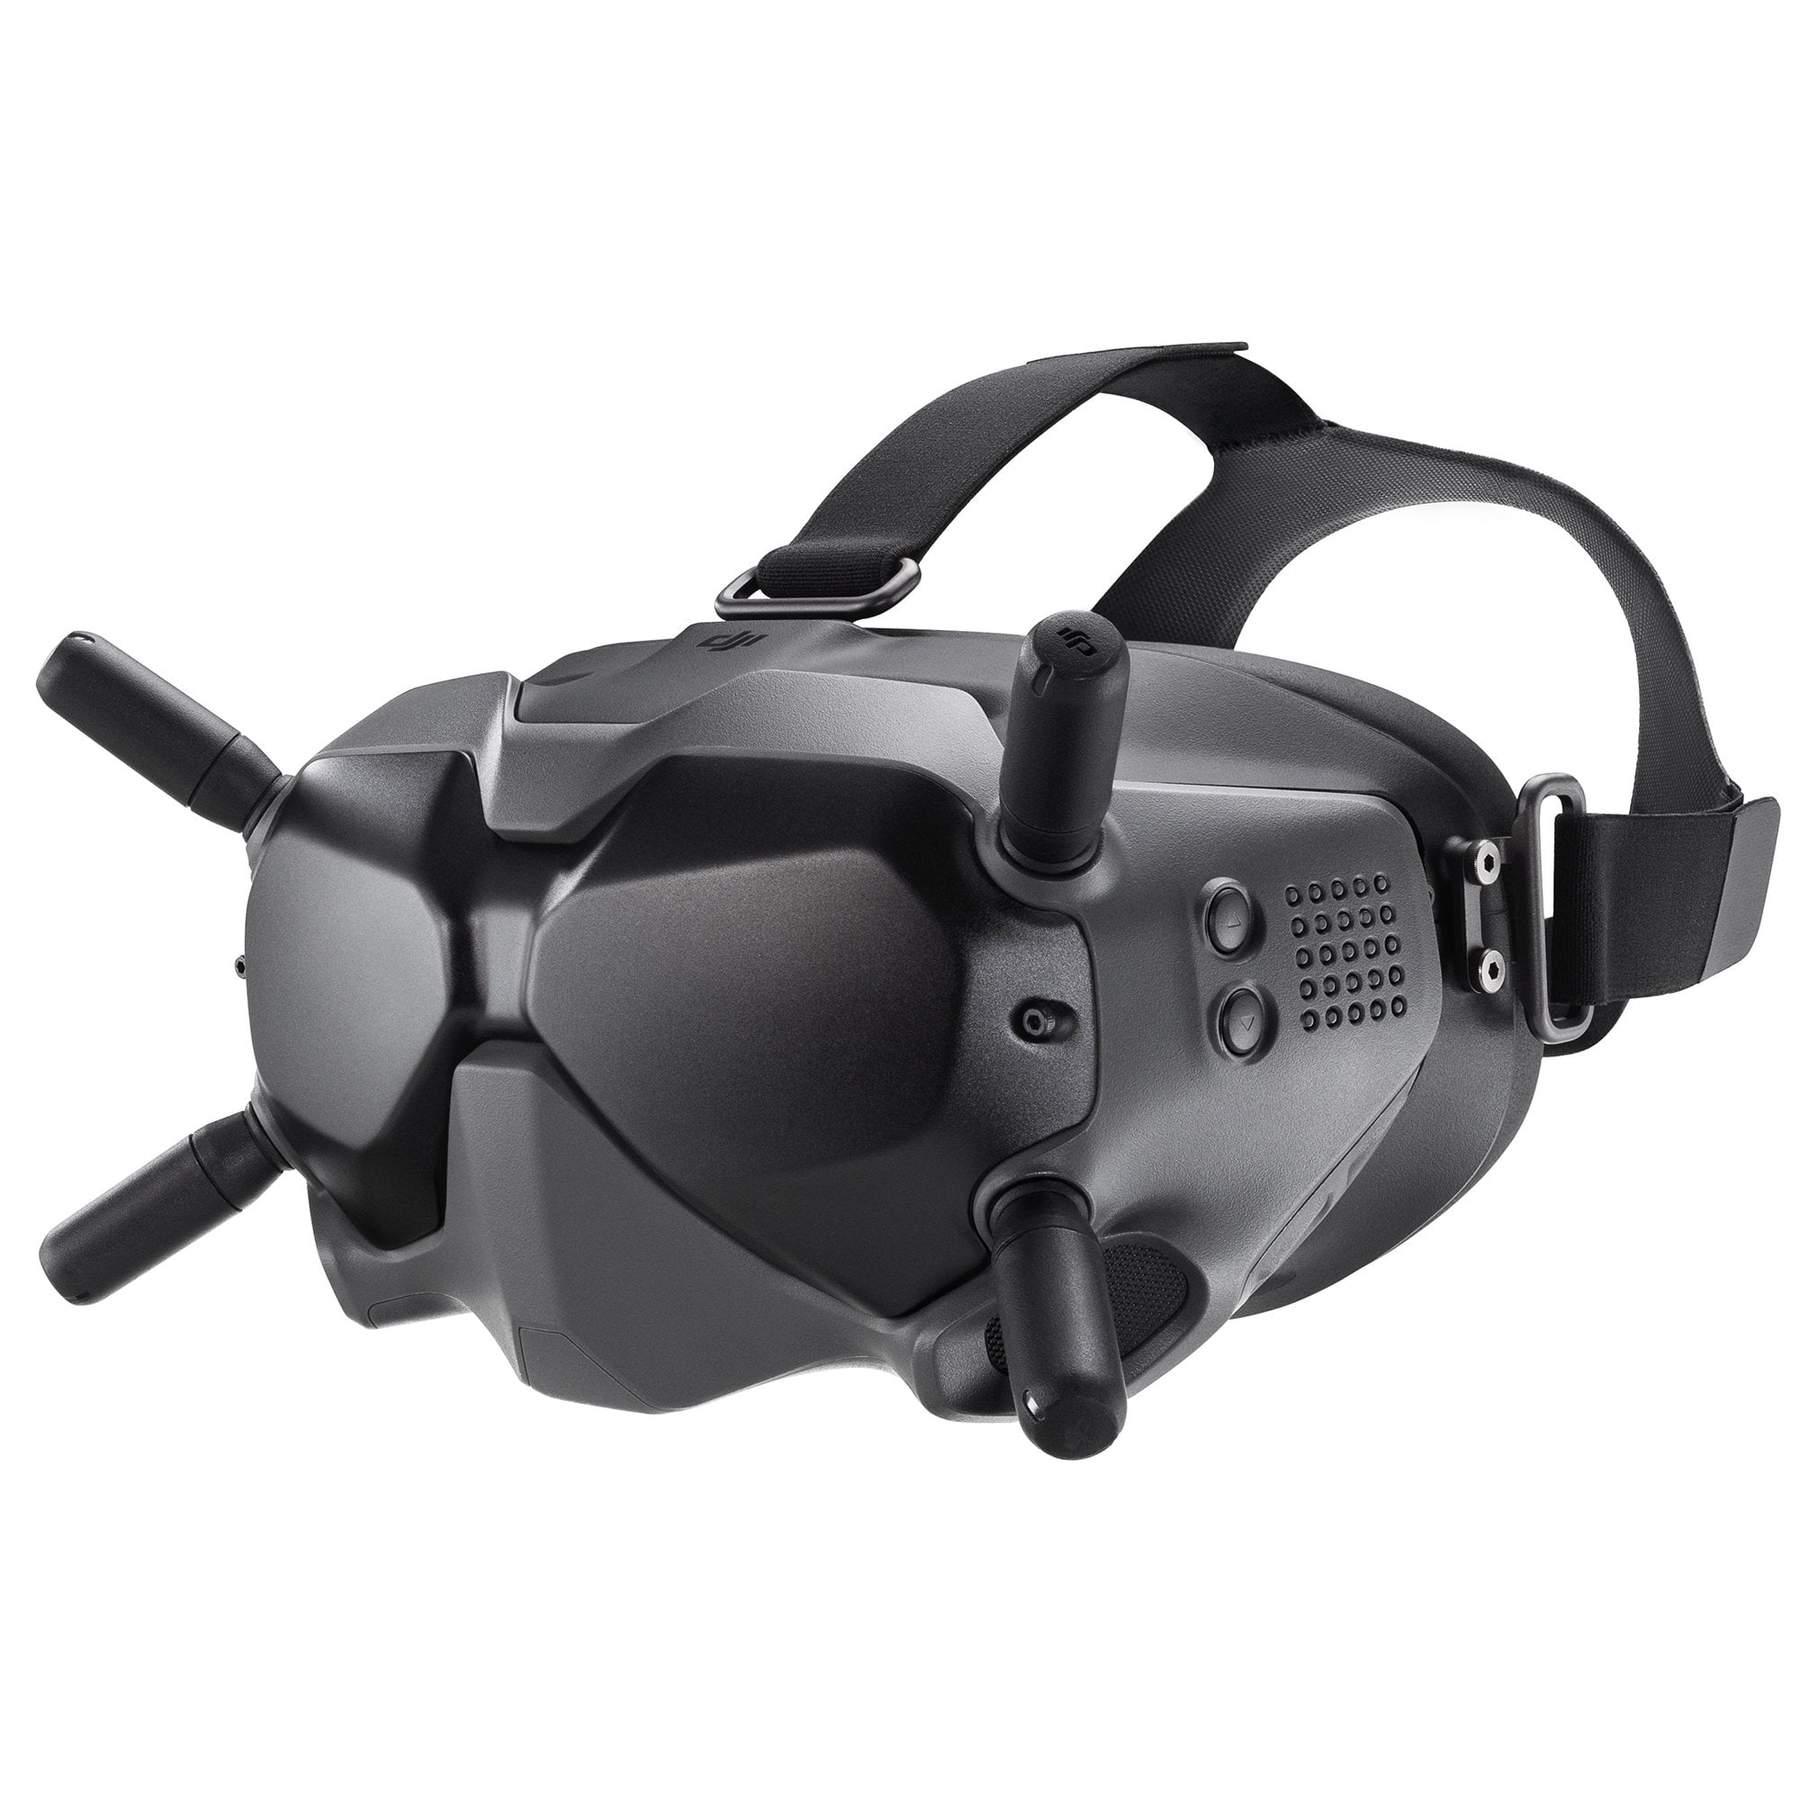 dji-digital-hd-fpv-goggles.jpg